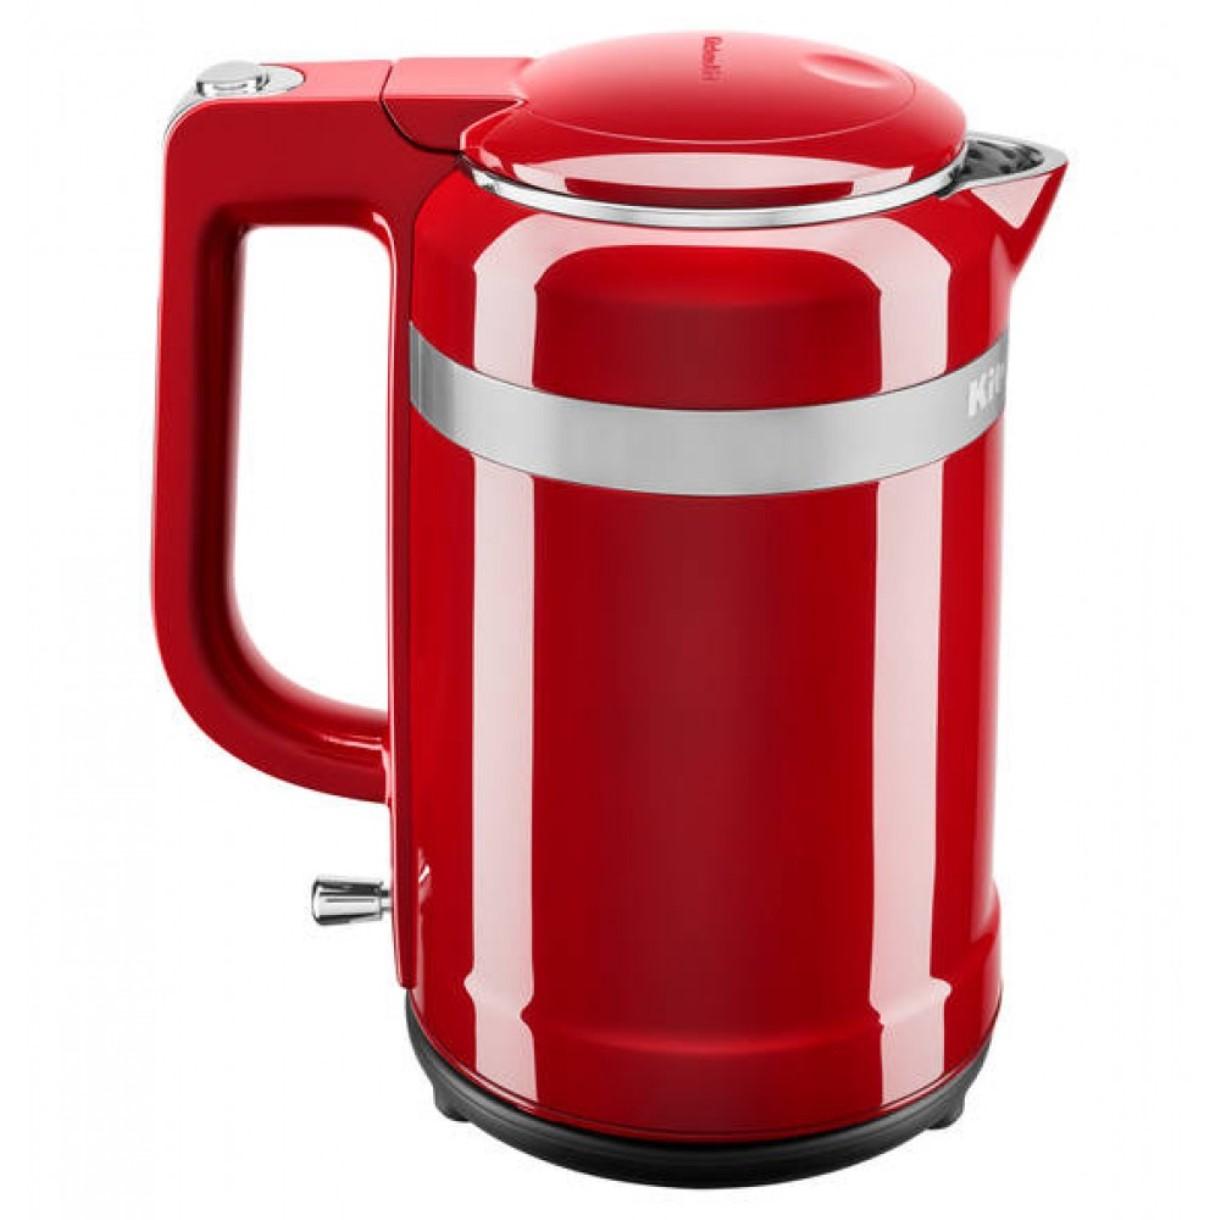 Онлайн каталог PROMENU: Чайник электрический с двойными стенками KitchenAid Design, объем 1,5 л, 2400 Вт, красный                               5KEK1565EER